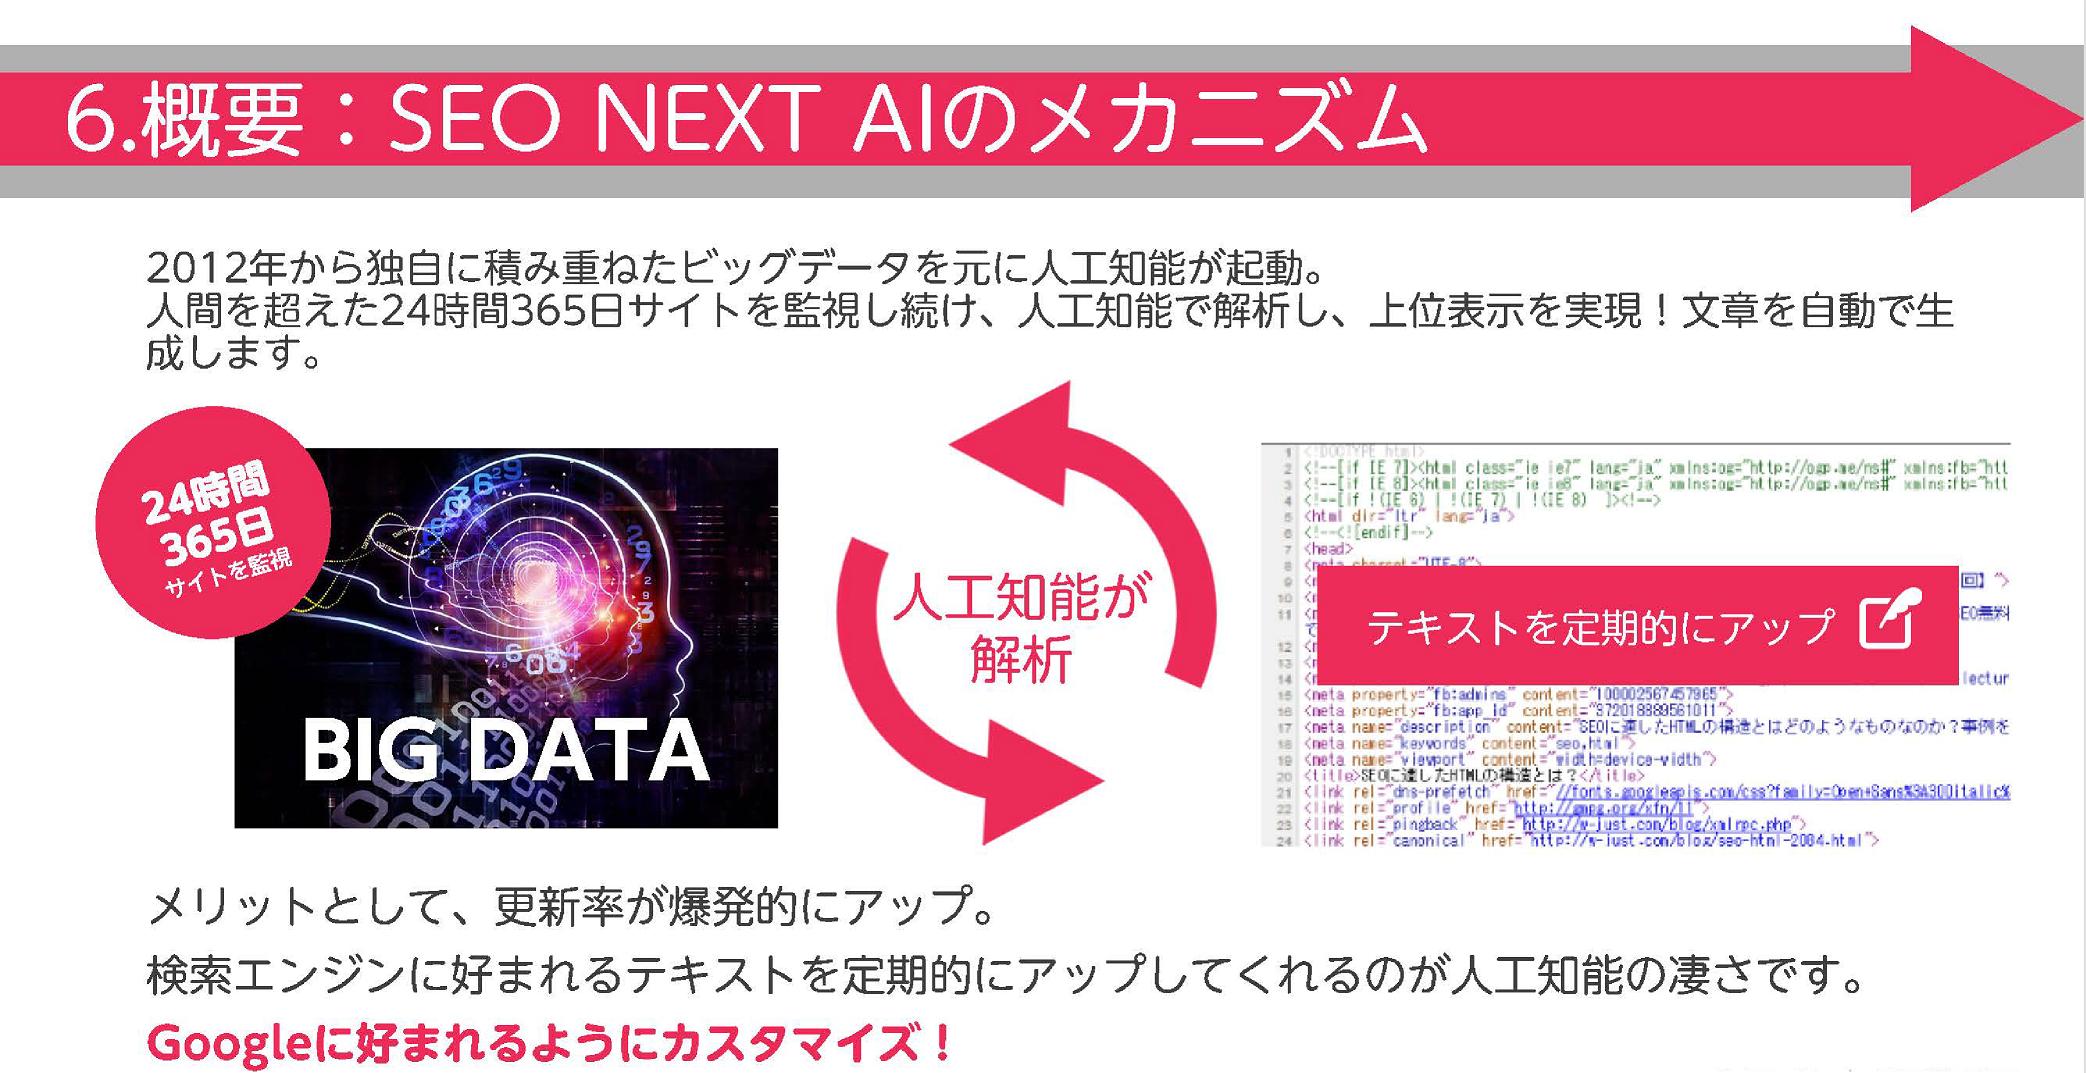 概要:SEO NEXT AIのメカニズム